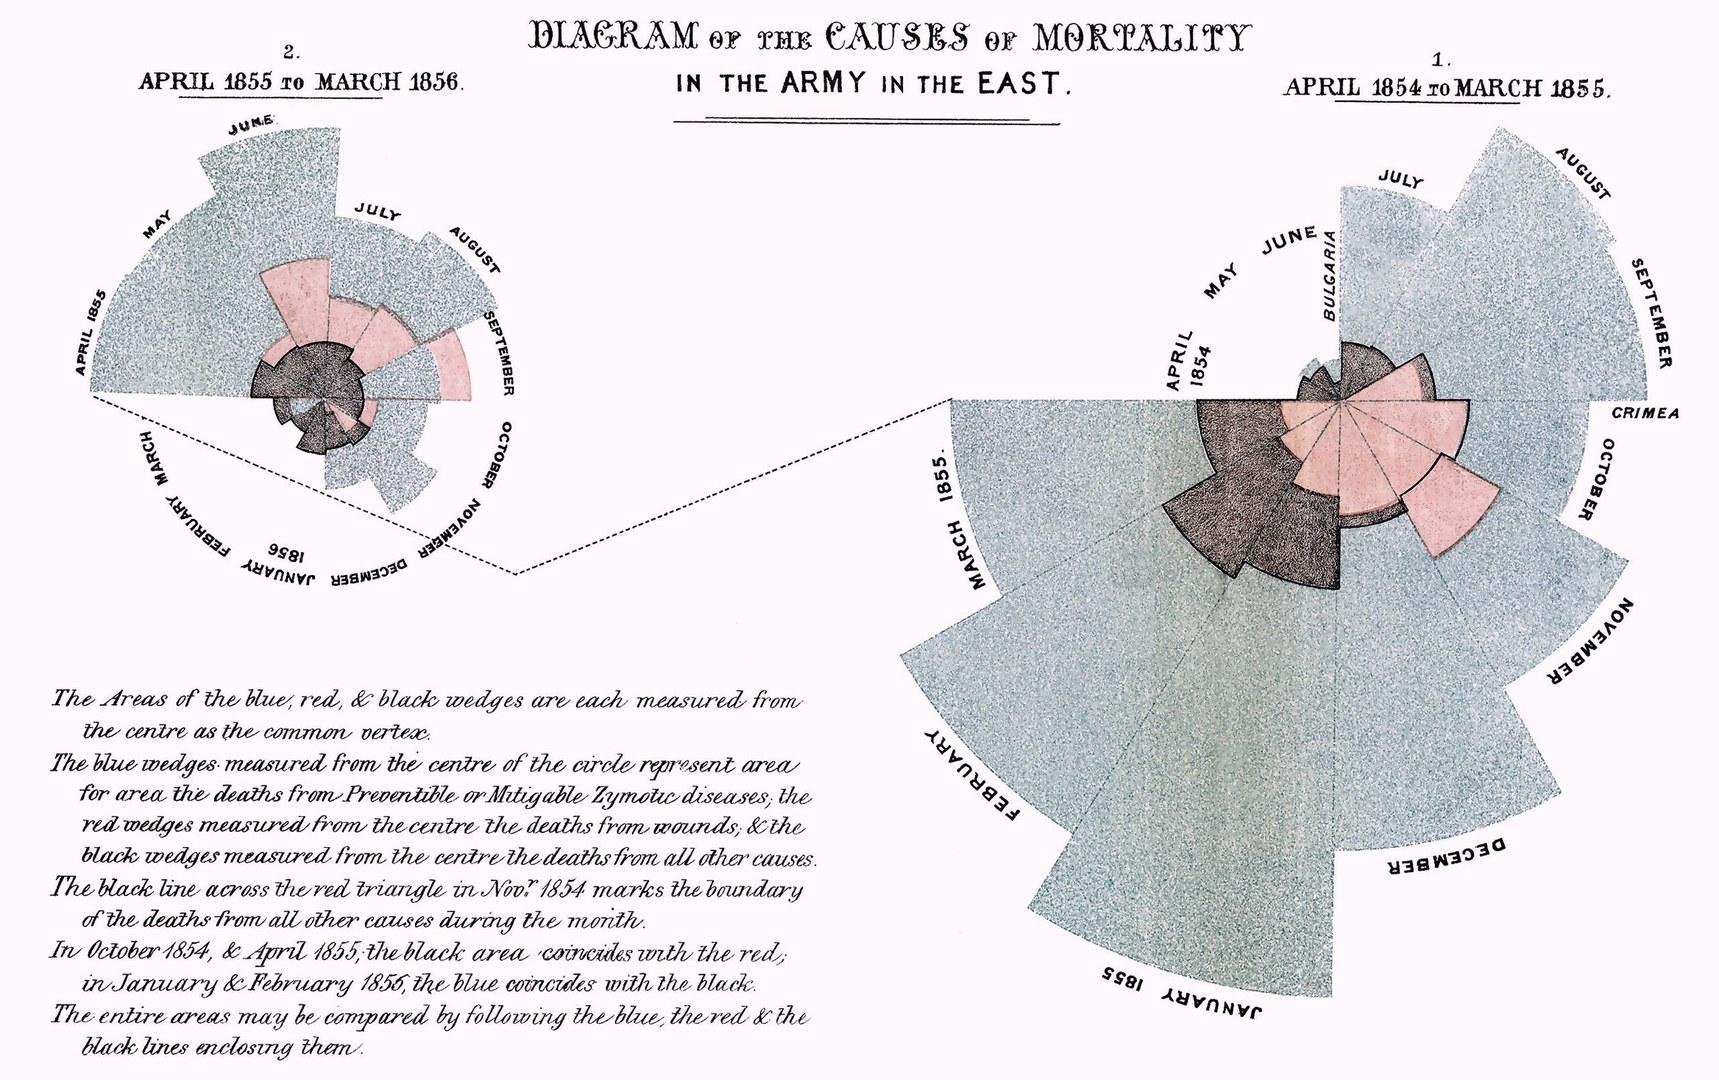 ›Rose Diagram‹ über die Verluste während des Krimkrieges